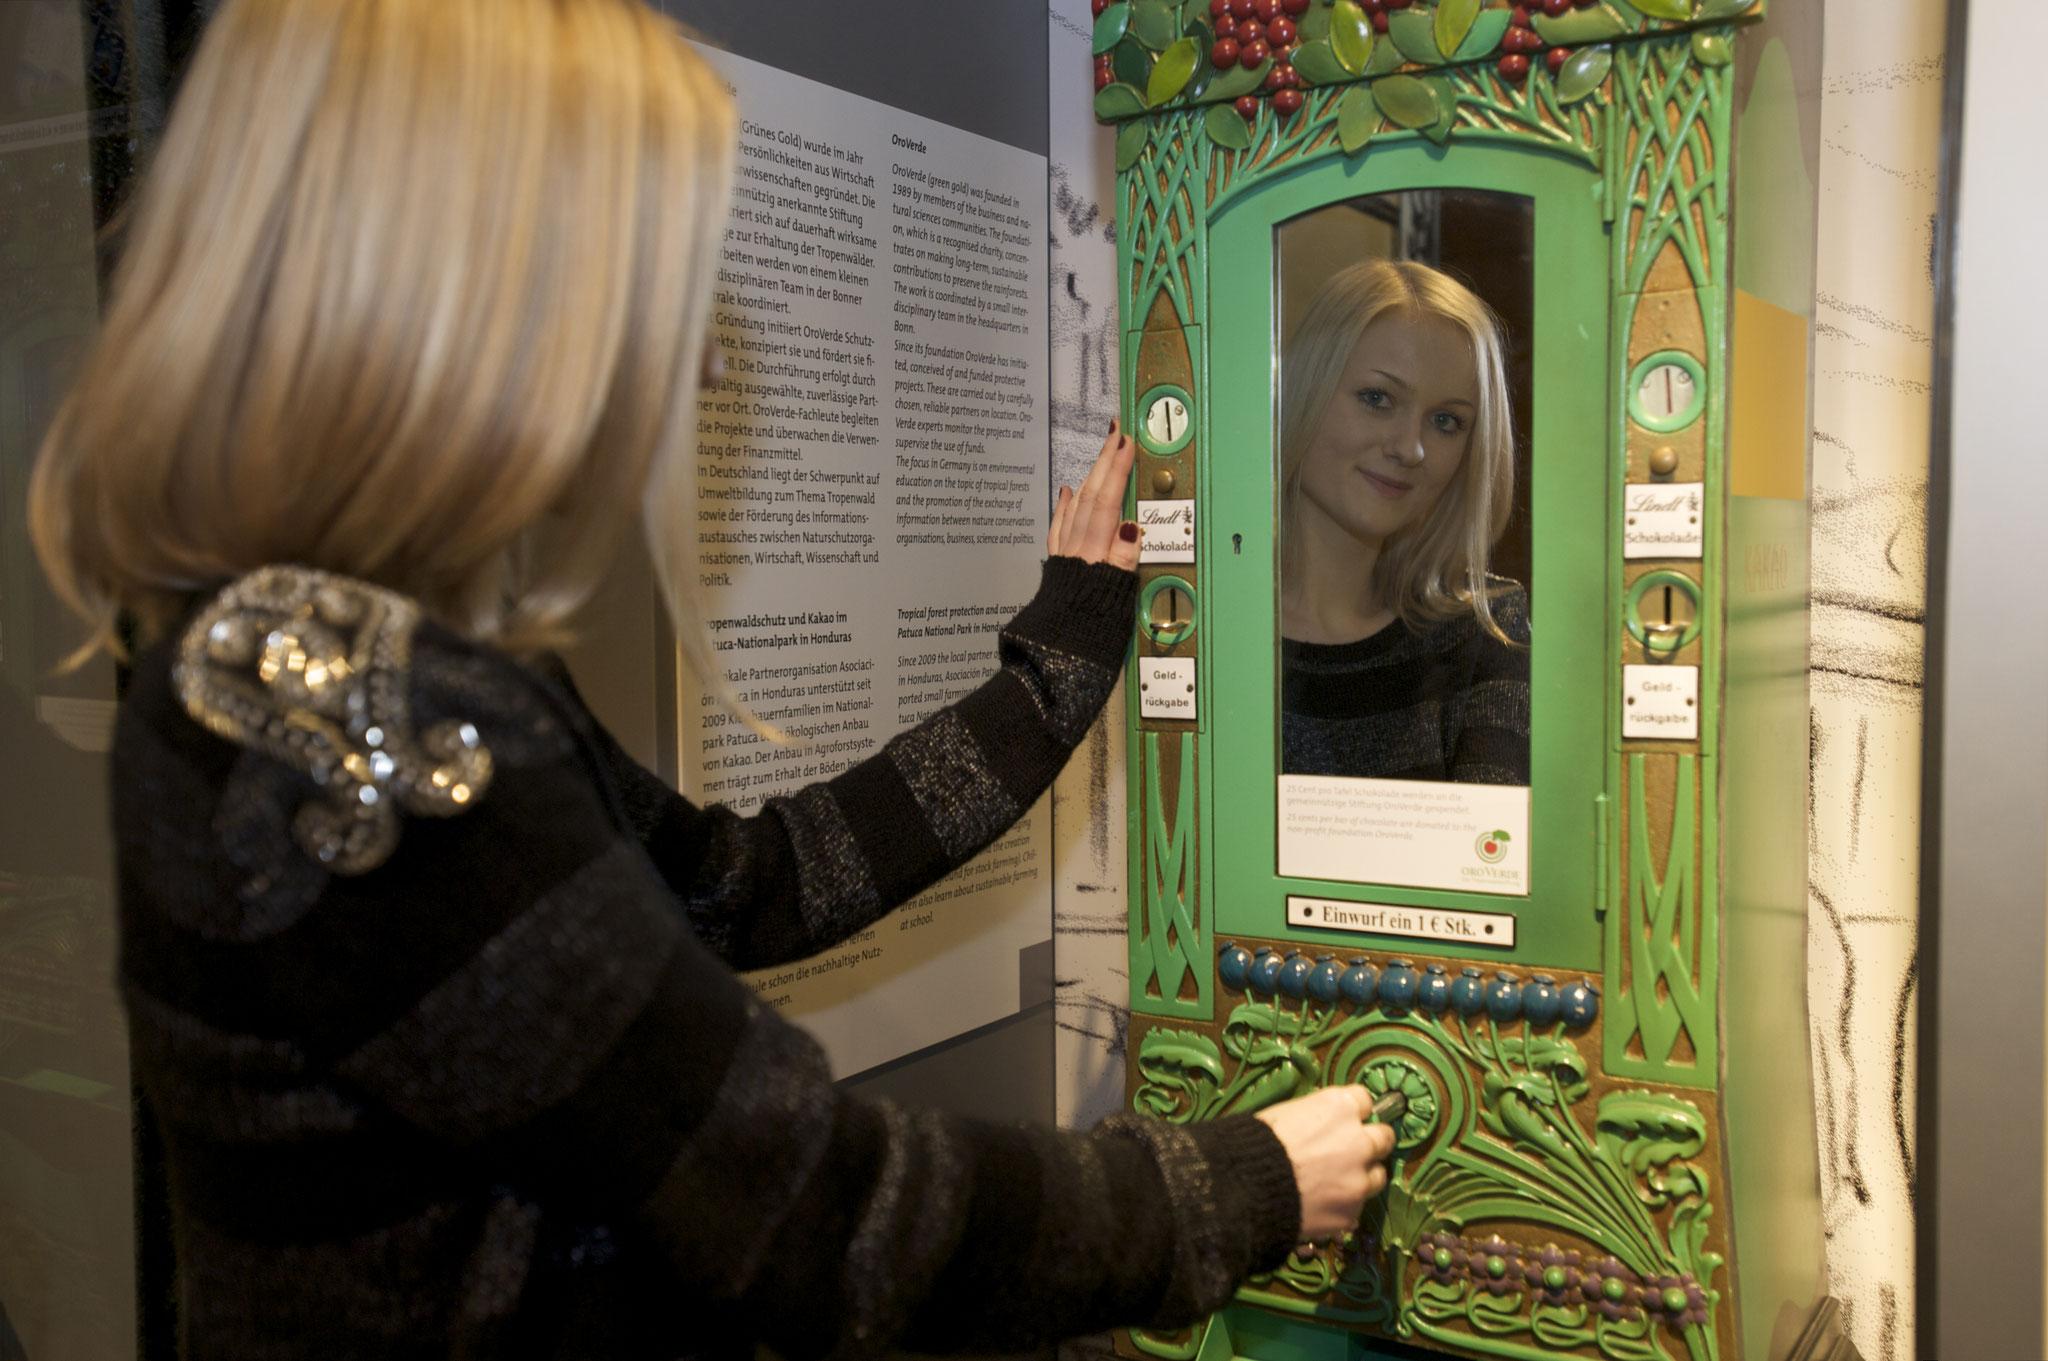 Kulturgeschichte - Ein alter Schokoladenautomat, © Schokoladenmuseum Köln